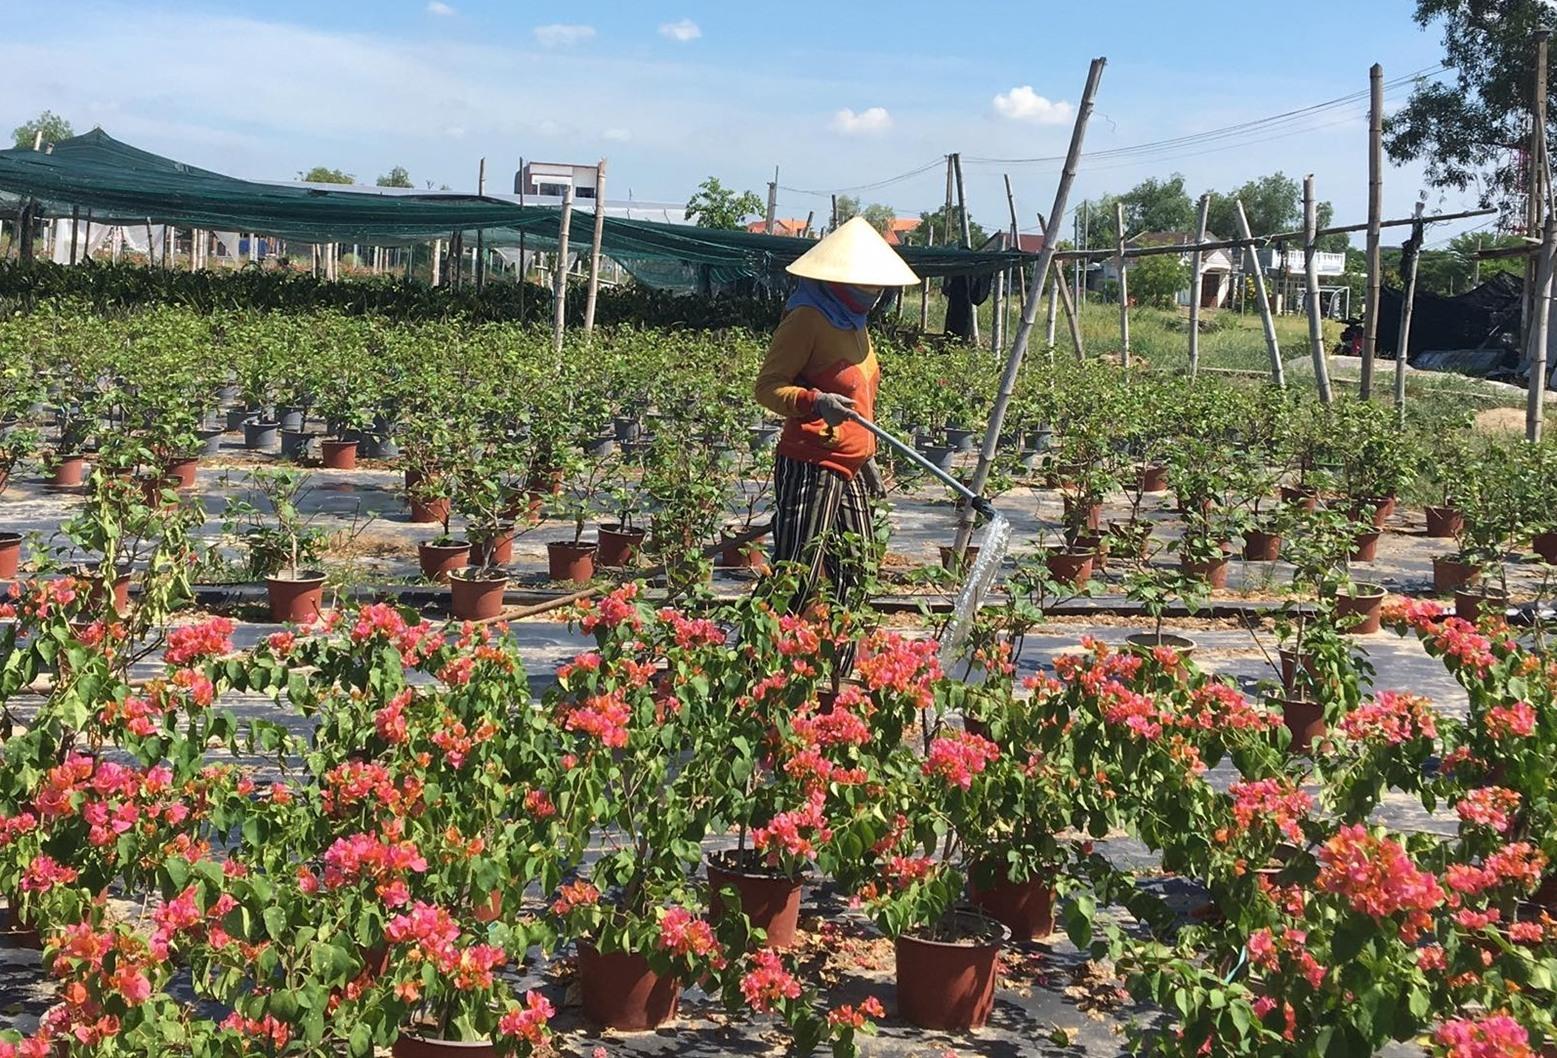 Vườn hoa kiểng Na Sơn vẫn duy trì tưới nước, bón phân cho hoa giấy đã quá ngày xuất bán. Ảnh: Ly Trang